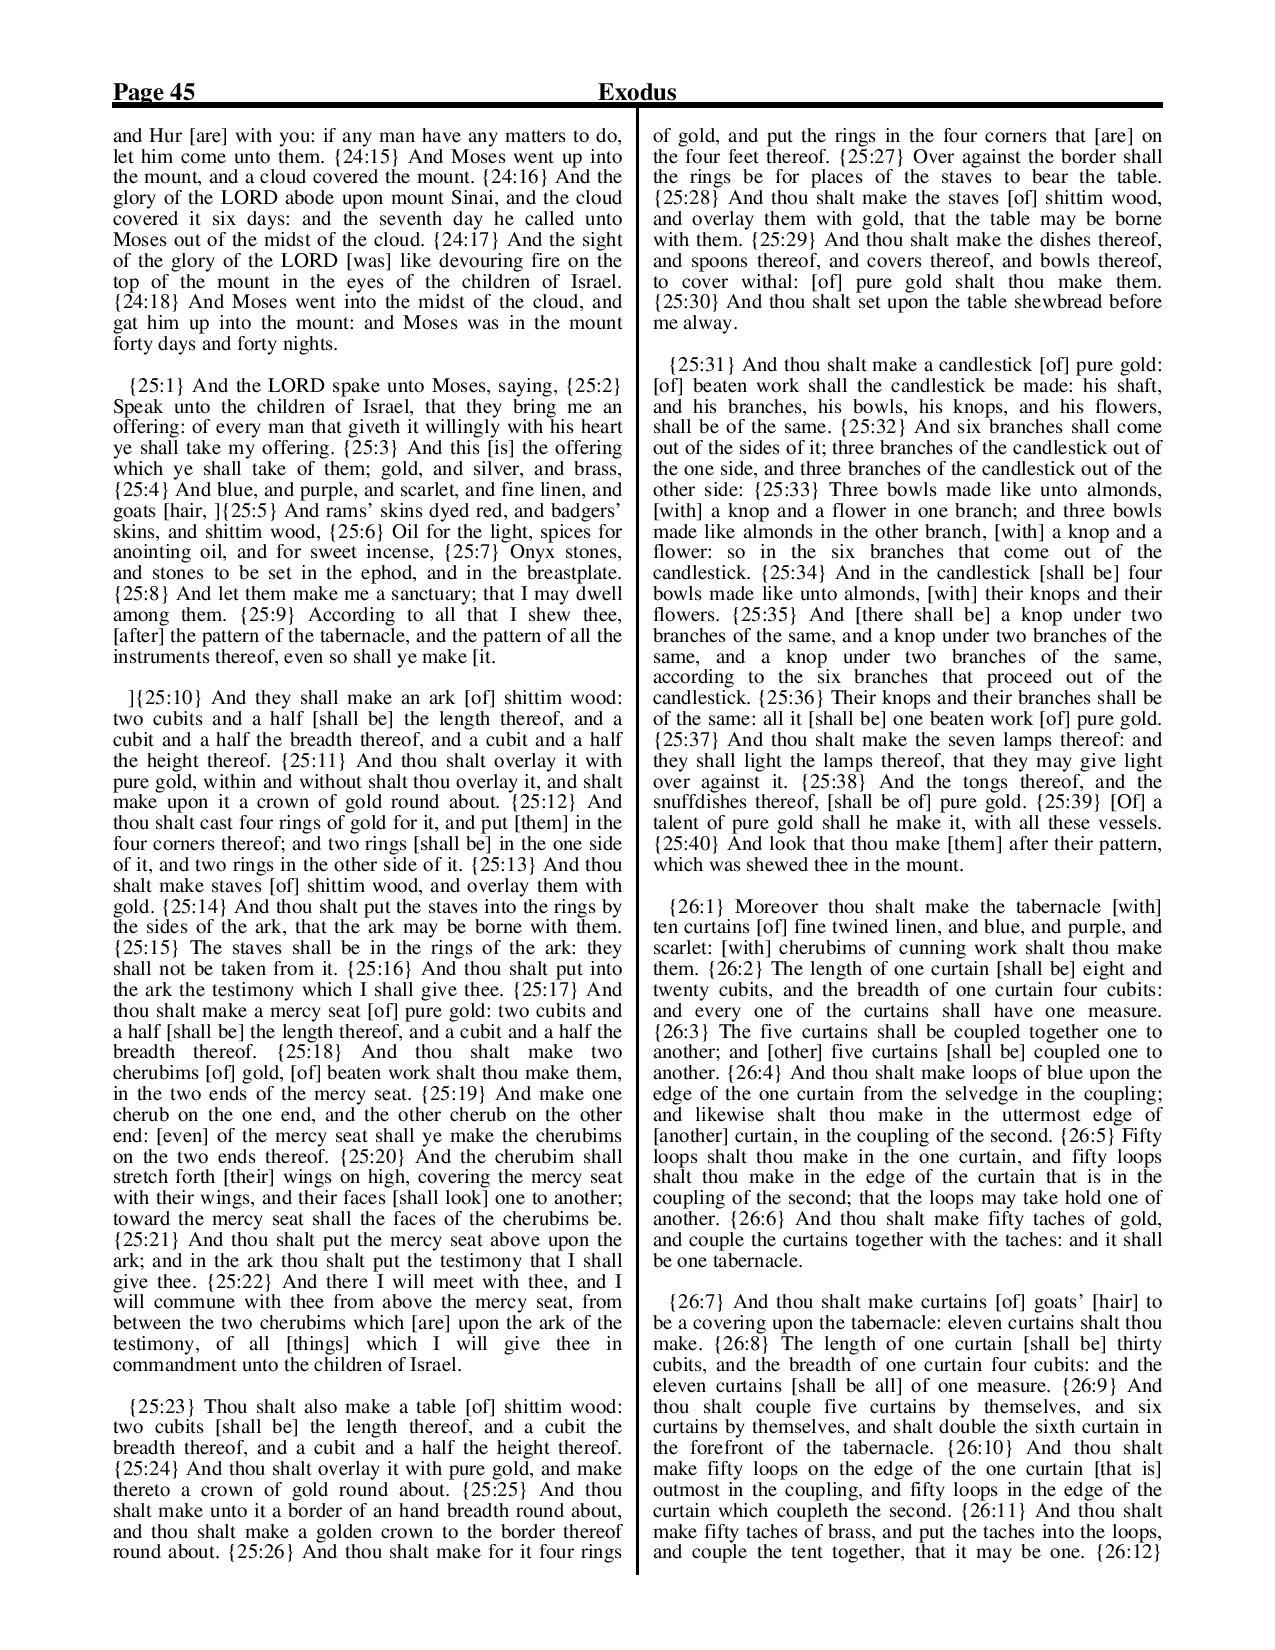 King-James-Bible-KJV-Bible-PDF-page-066